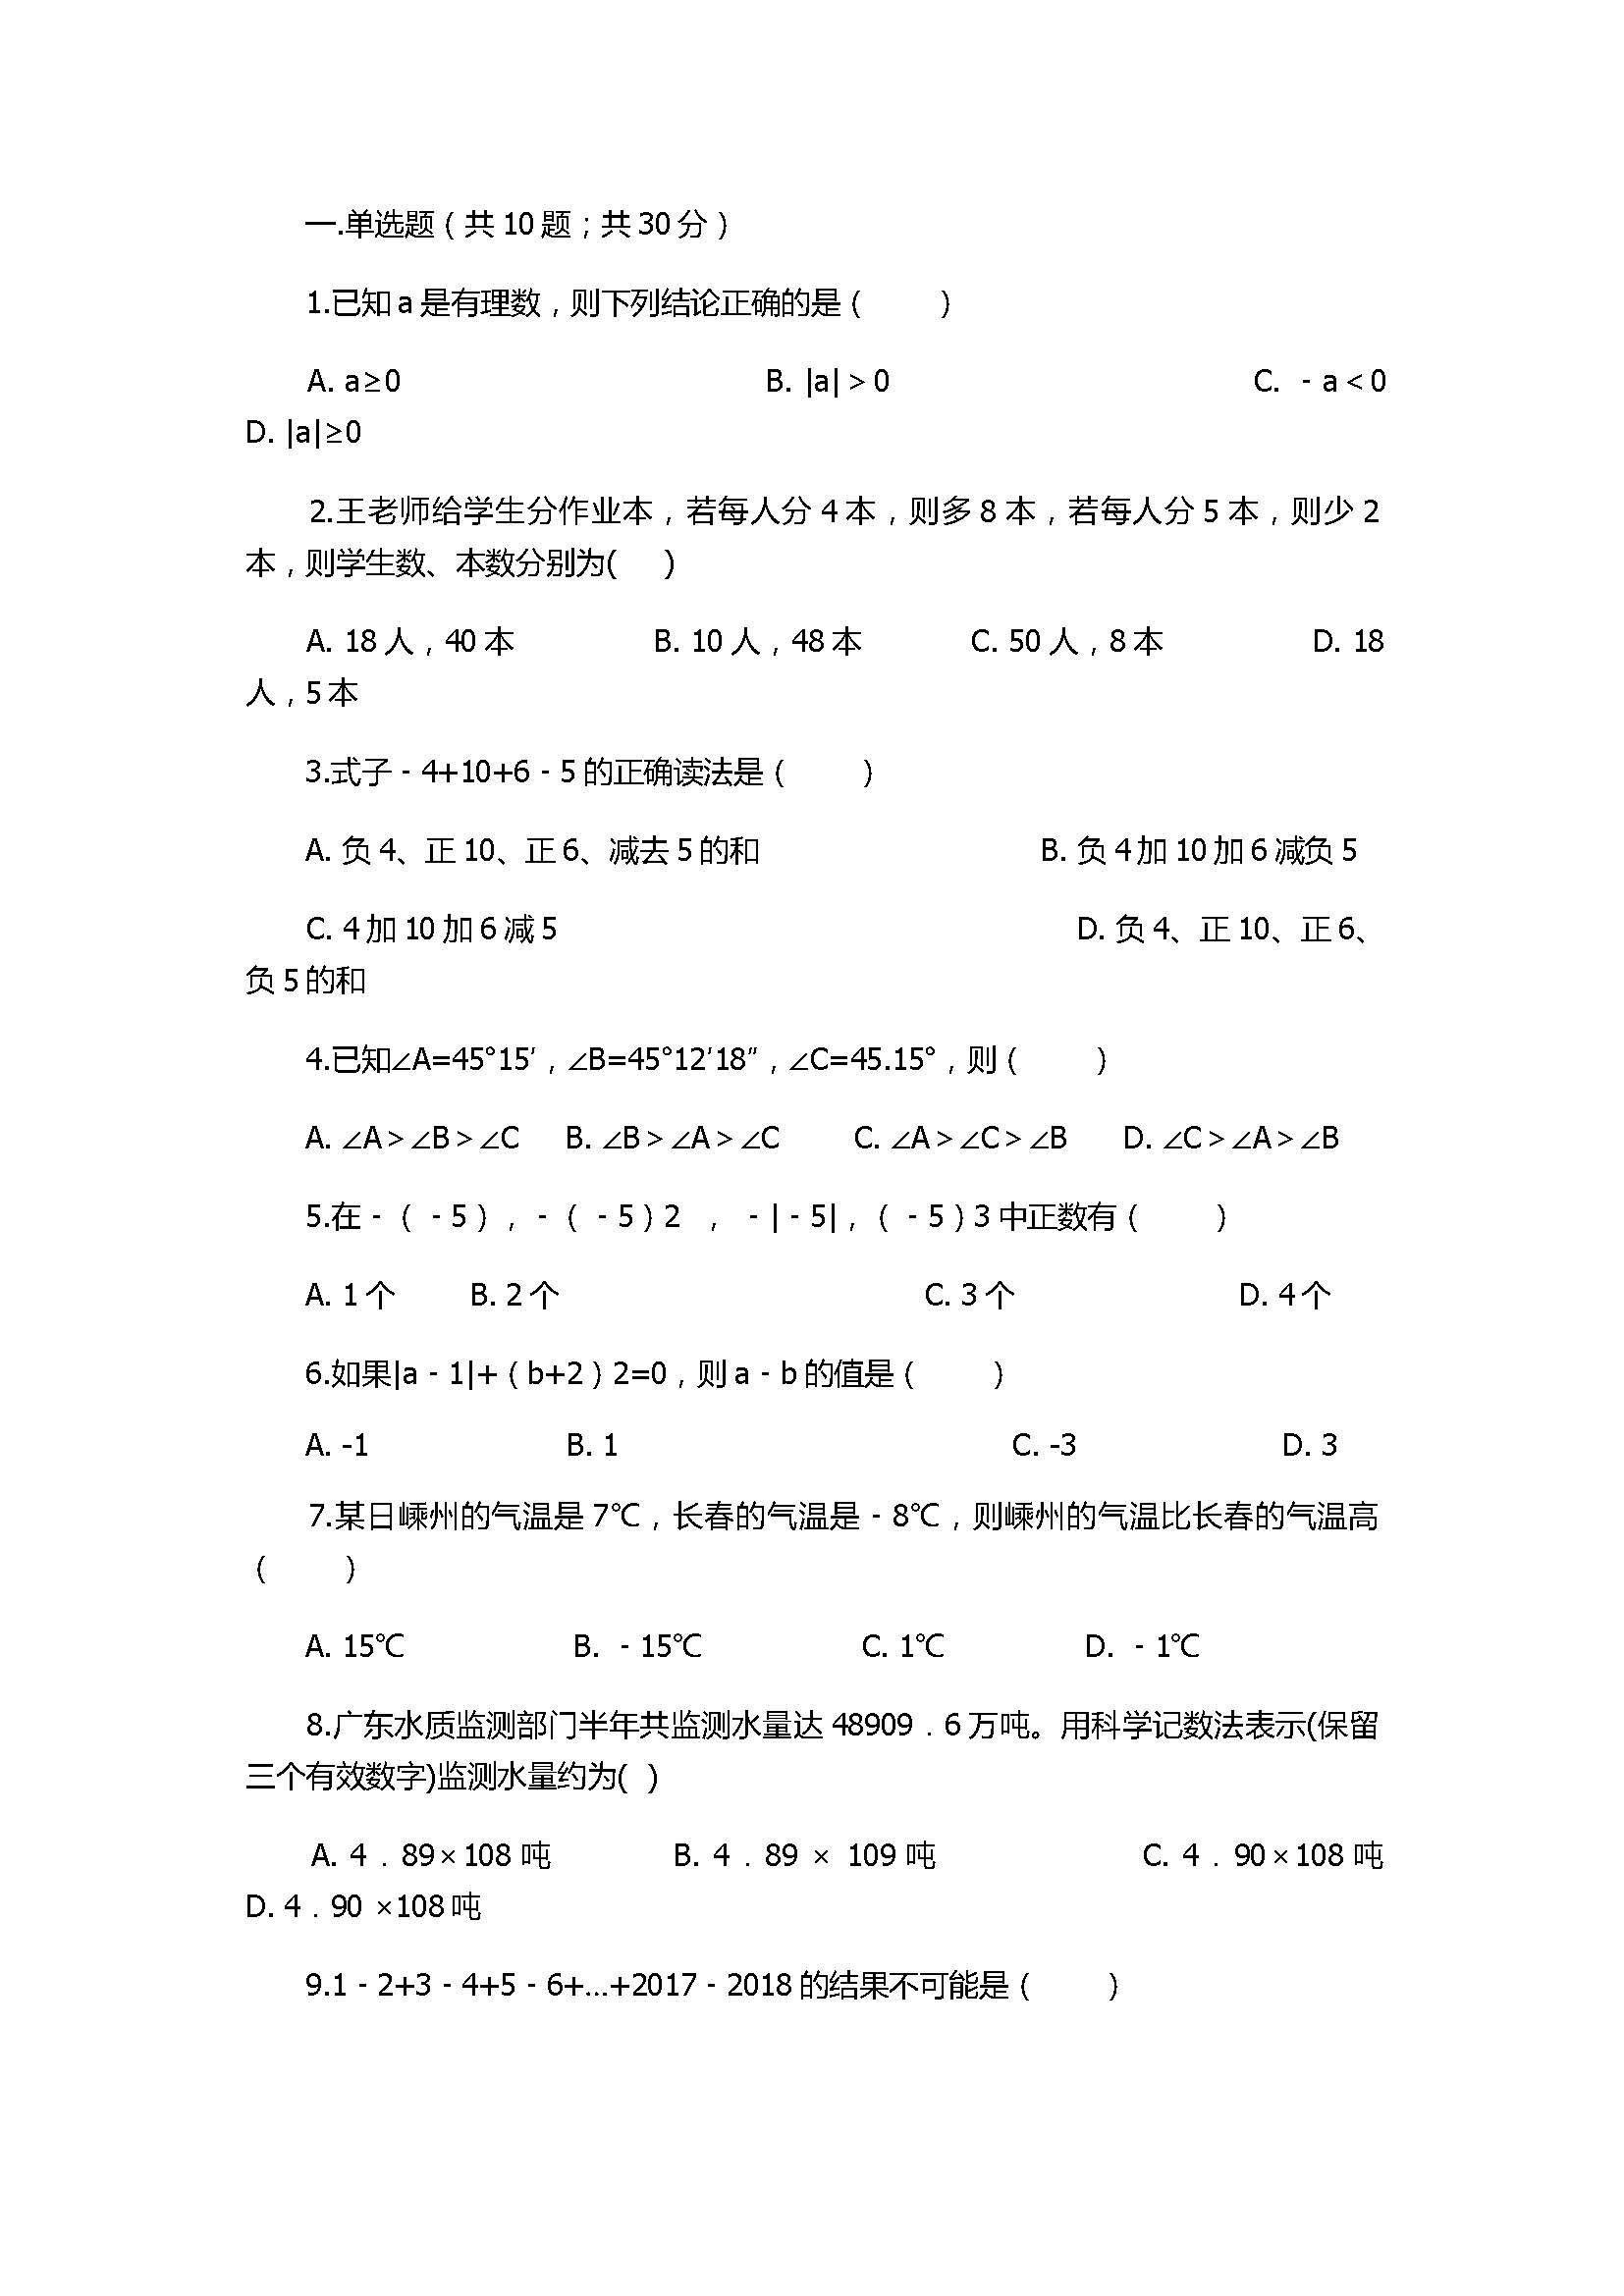 2018七年级上册数学期末模拟试卷含答案及解析(湖南省长沙市)